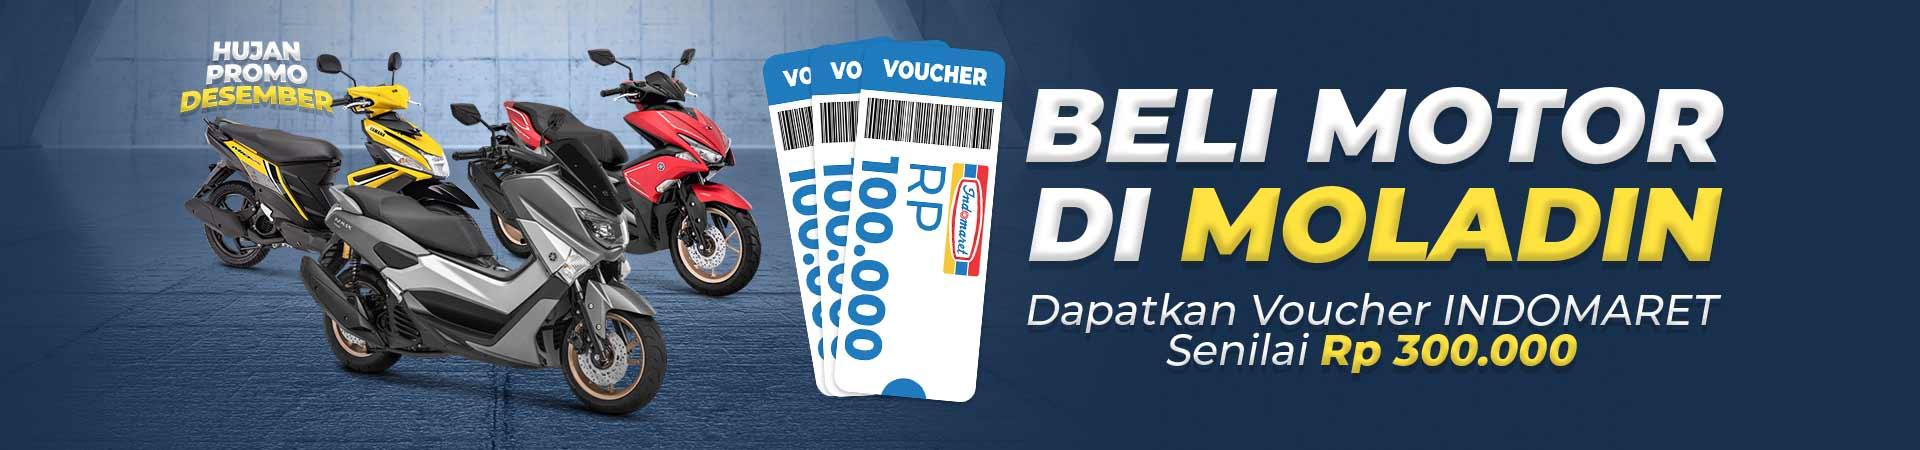 https://moladin.com/promo/hujan-promo-kredit-motor-di-moladin-gratis-voucher-indomaret-300-ribu